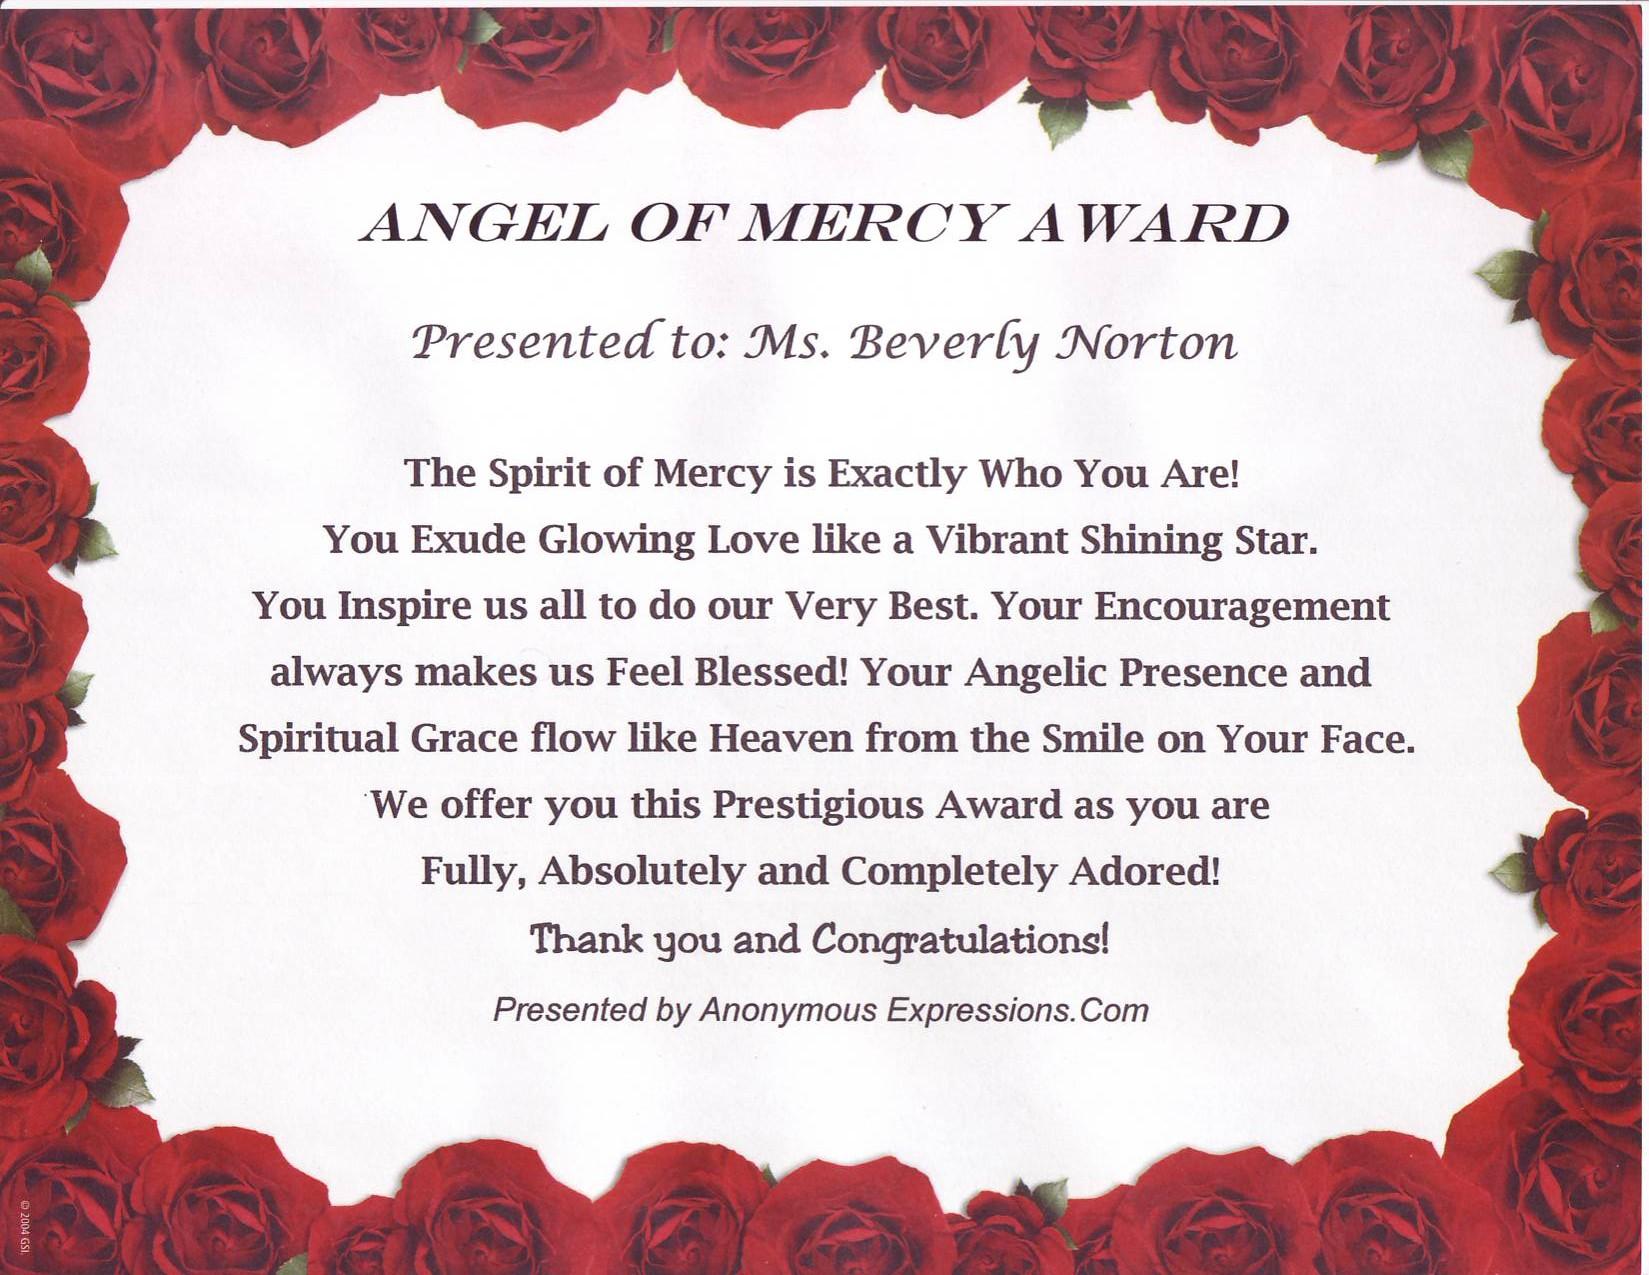 Angel of Mercy Award